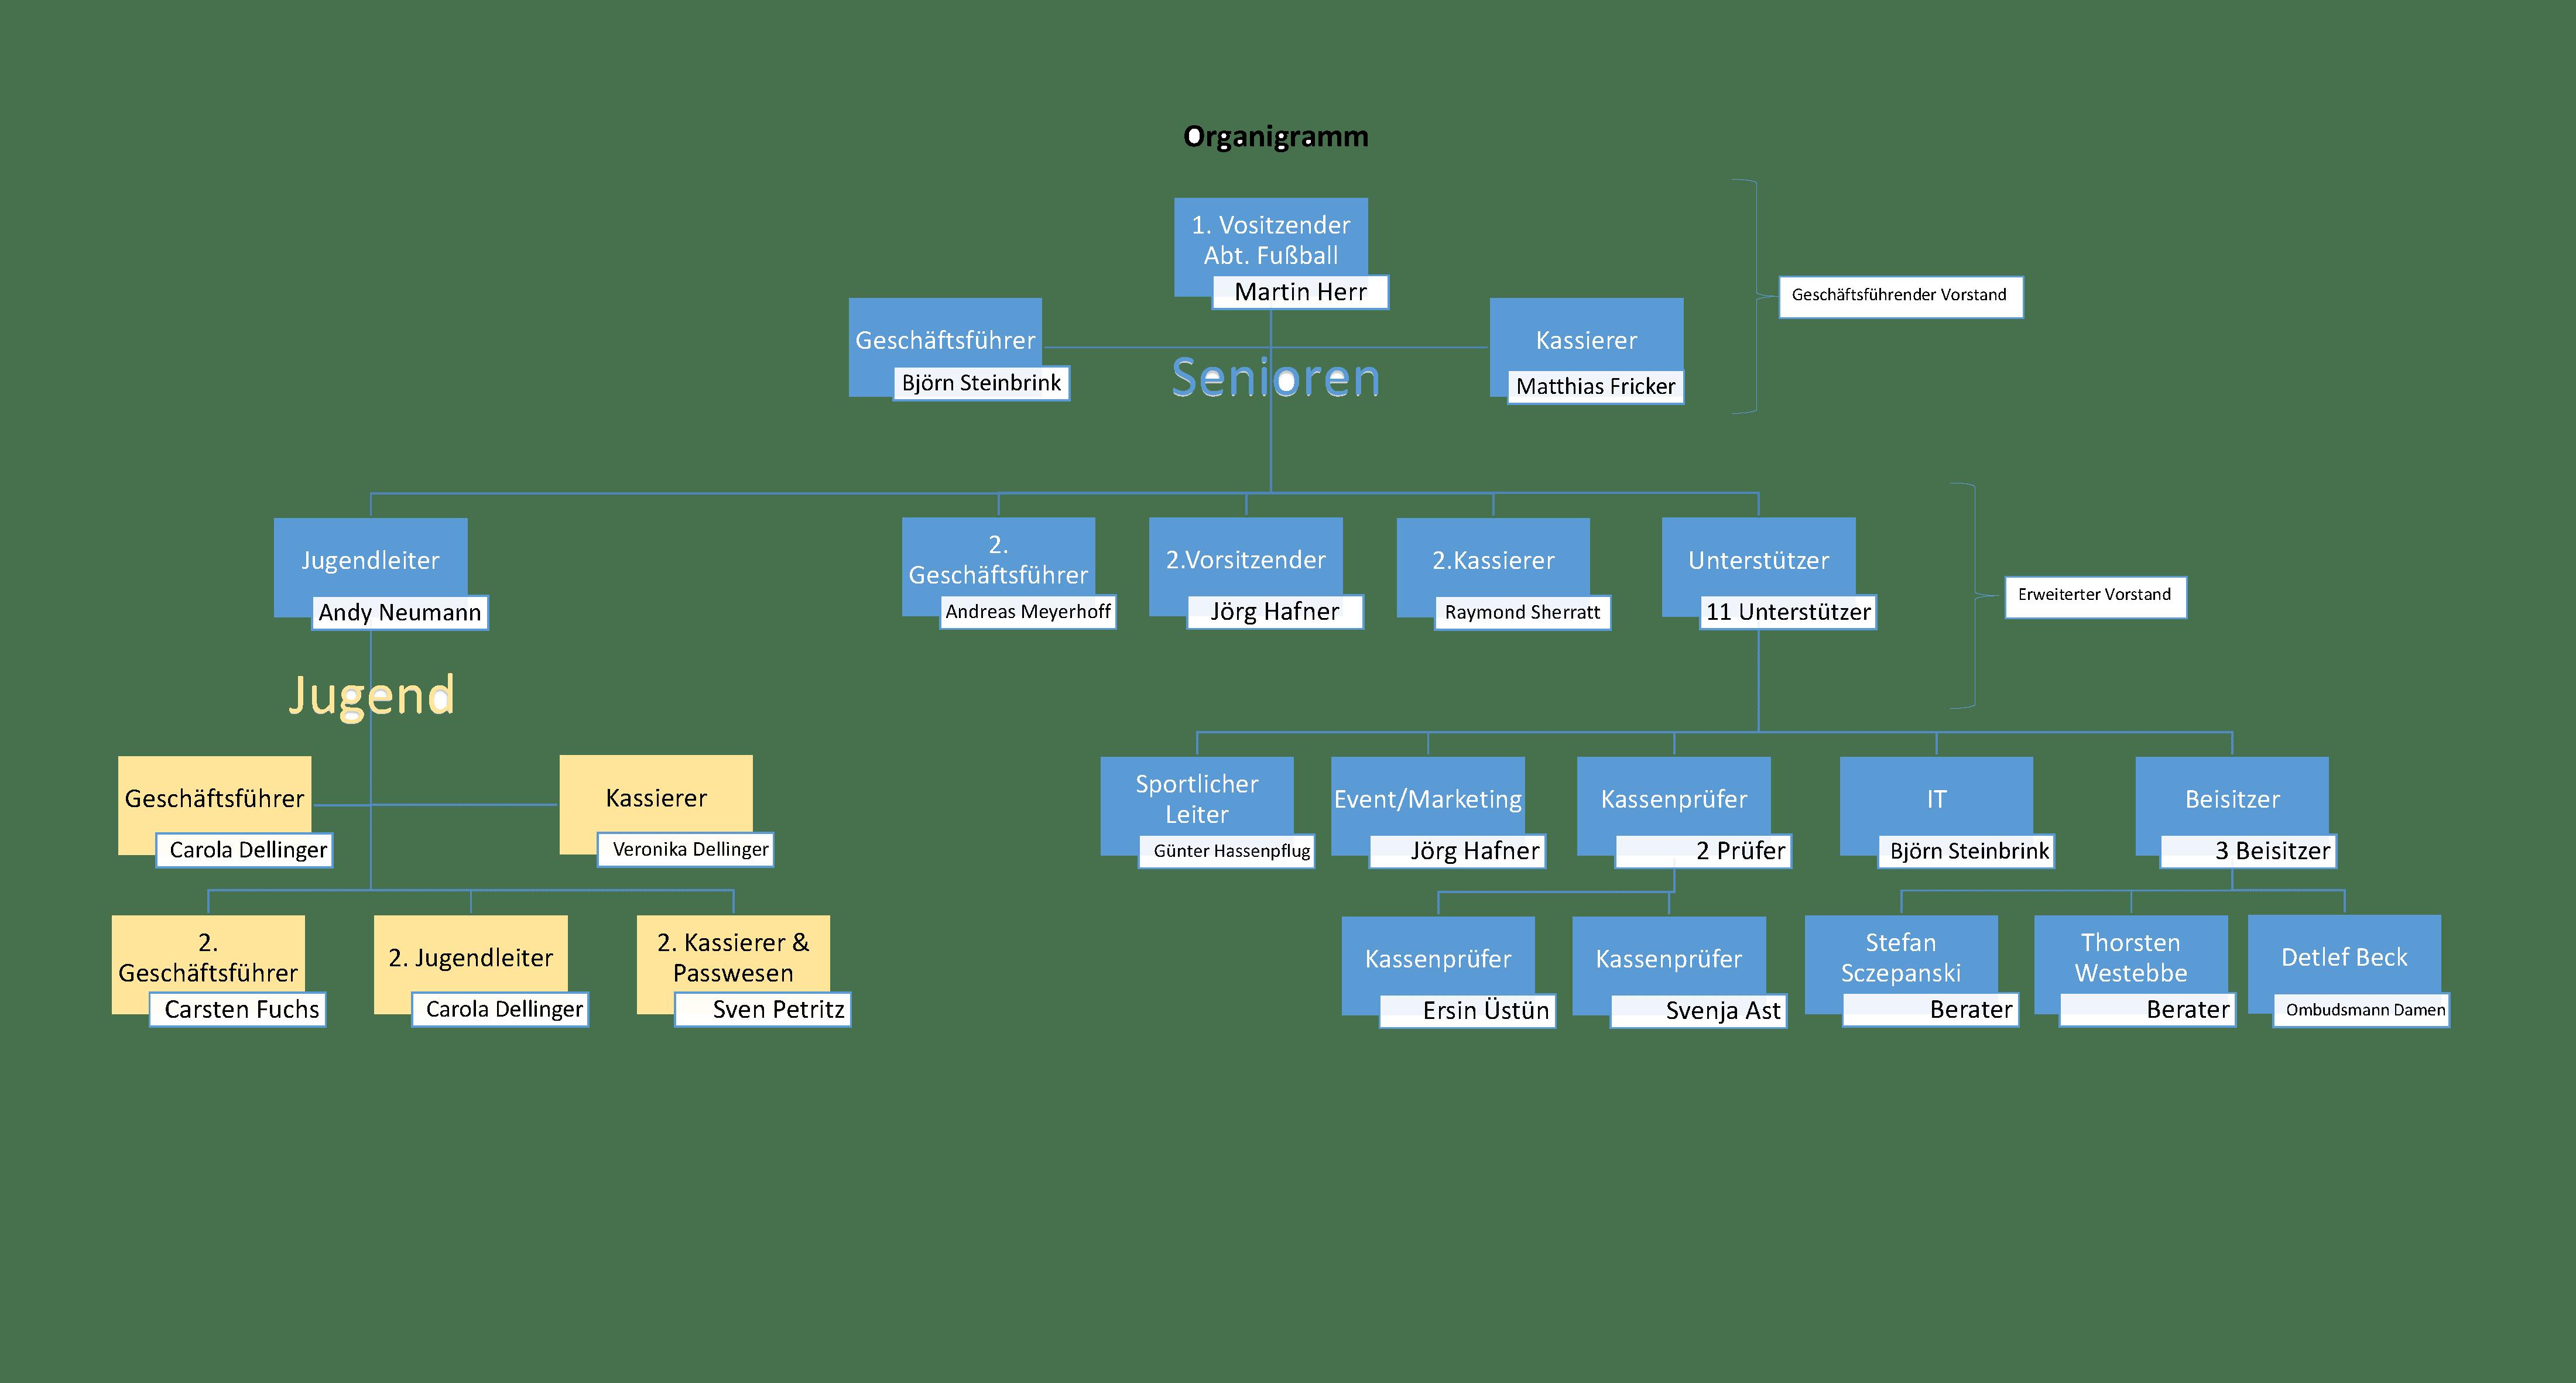 Organigramm_VfK